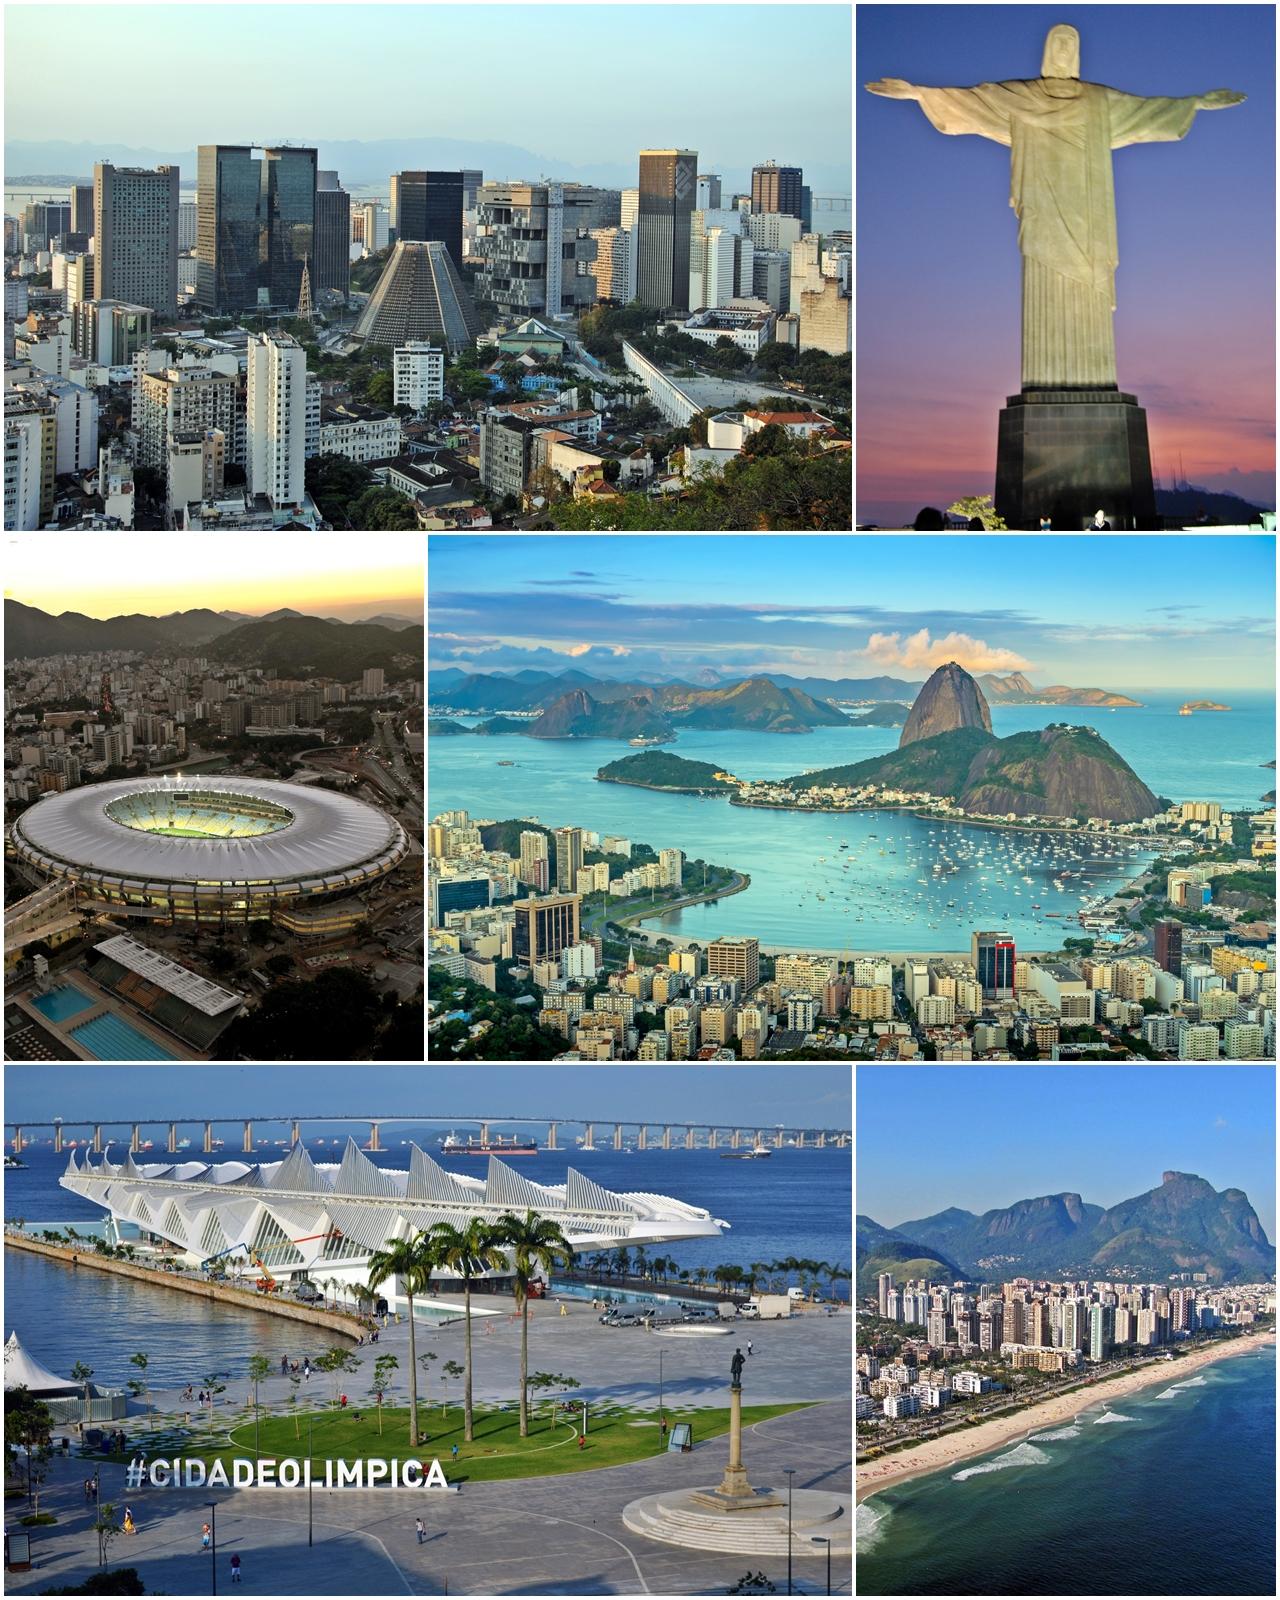 Rio de Janeiro Rio de Janeiro fonte: upload.wikimedia.org